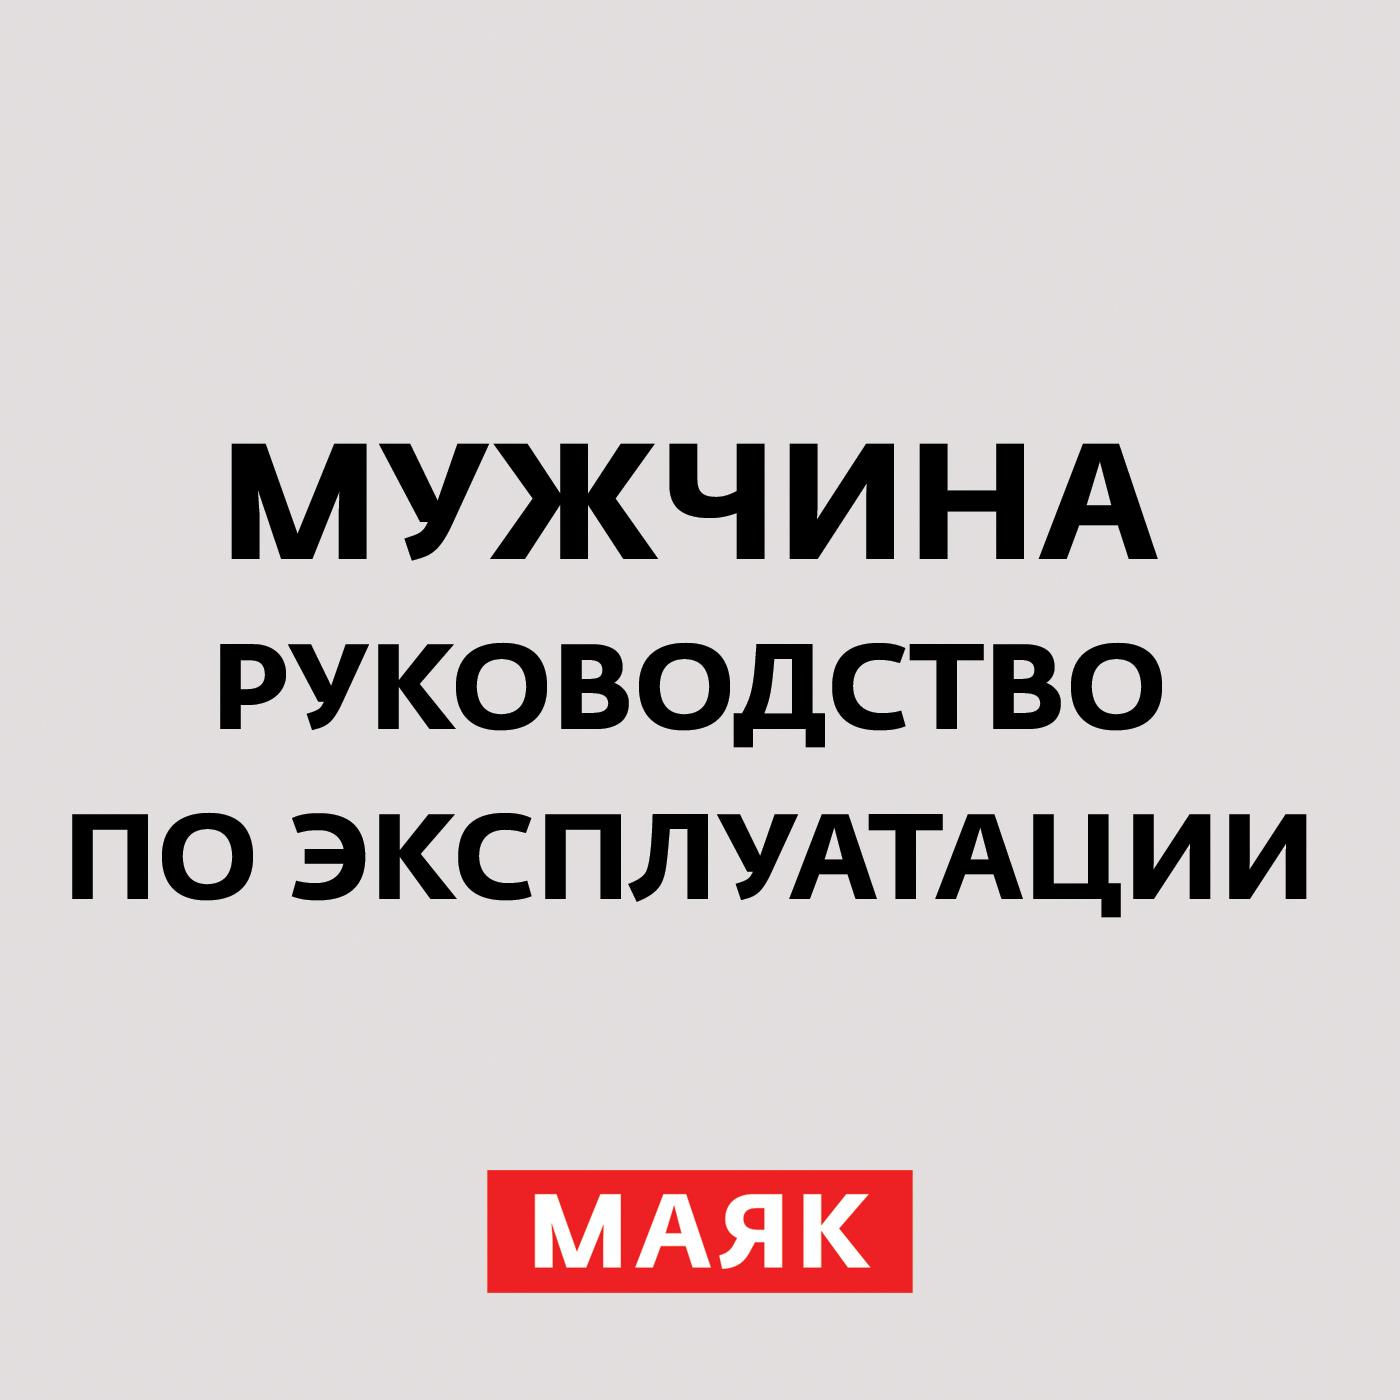 Творческий коллектив шоу «Сергей Стиллавин и его друзья» Почему мужчина боится близости? творческий коллектив шоу сергей стиллавин и его друзья почему мужчины боятся красивых женщин